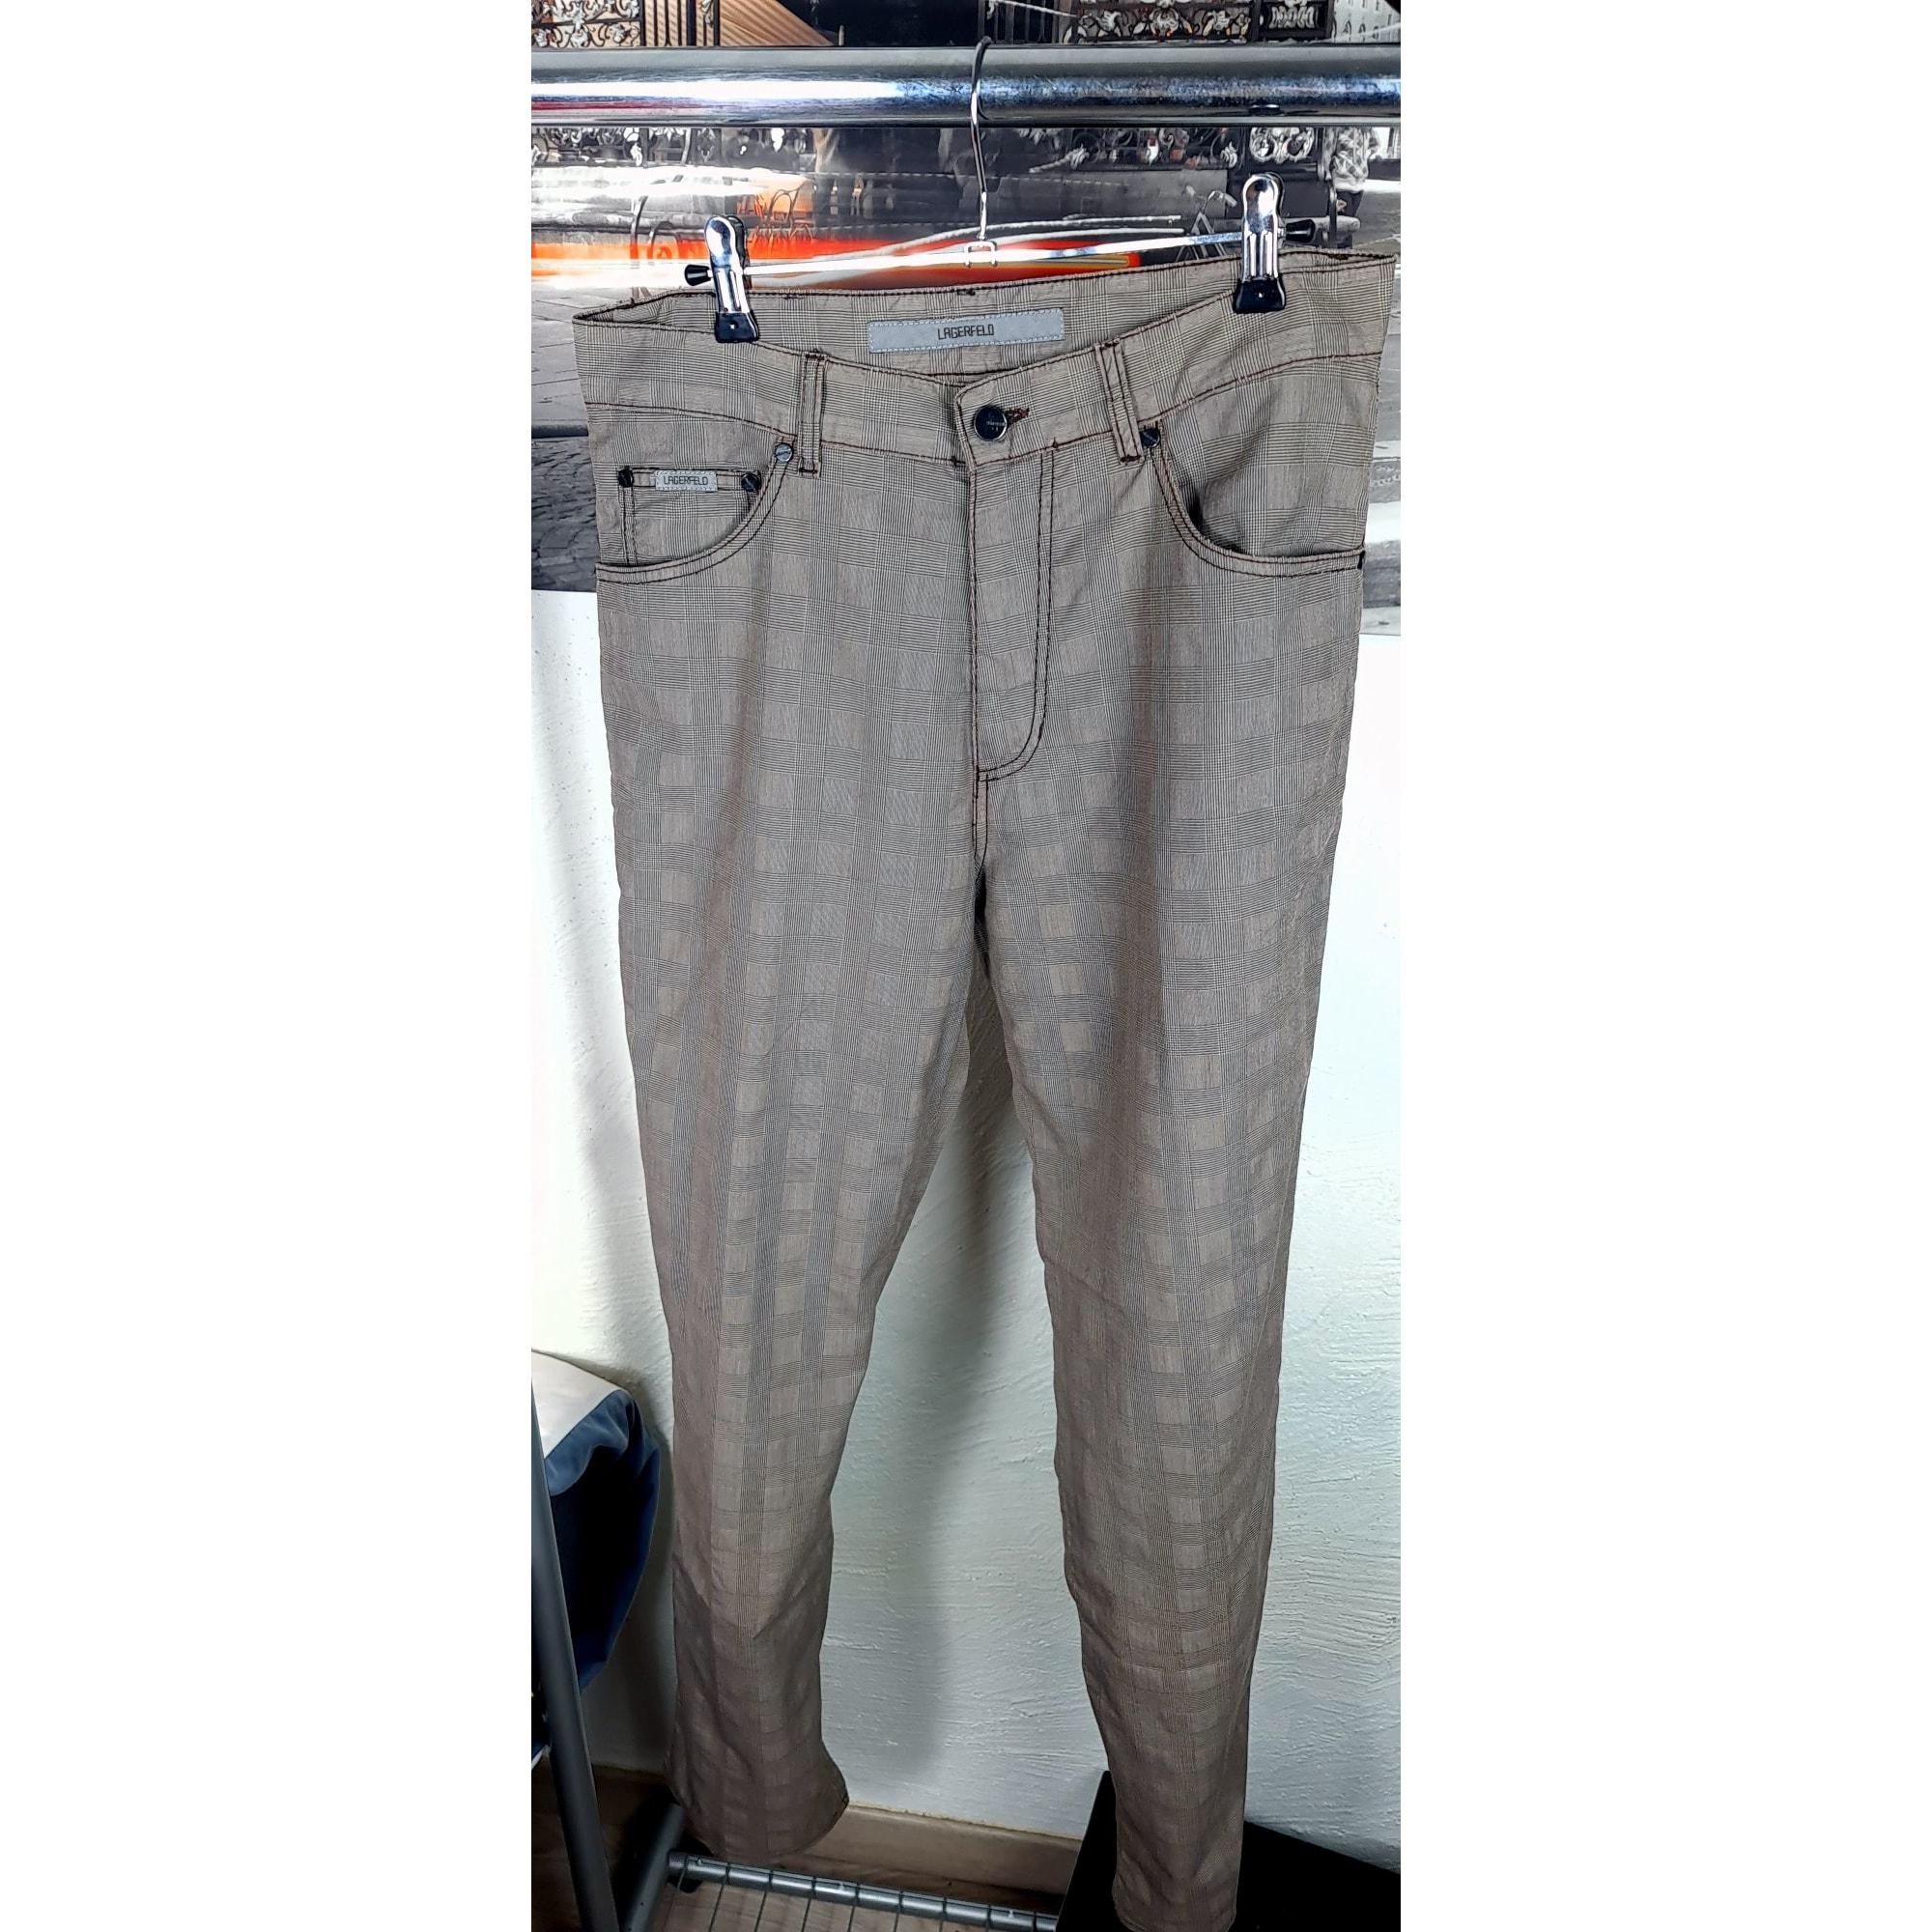 Pantalon droit KARL LAGERFELD Gris, anthracite